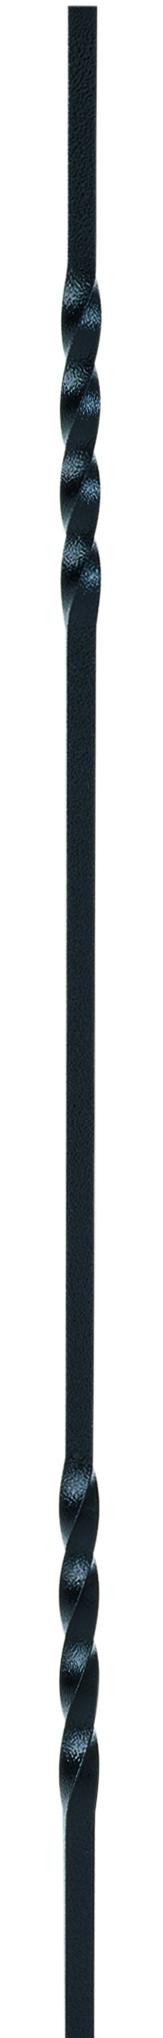 1 Charleston Metal Baluster Black Finish 850